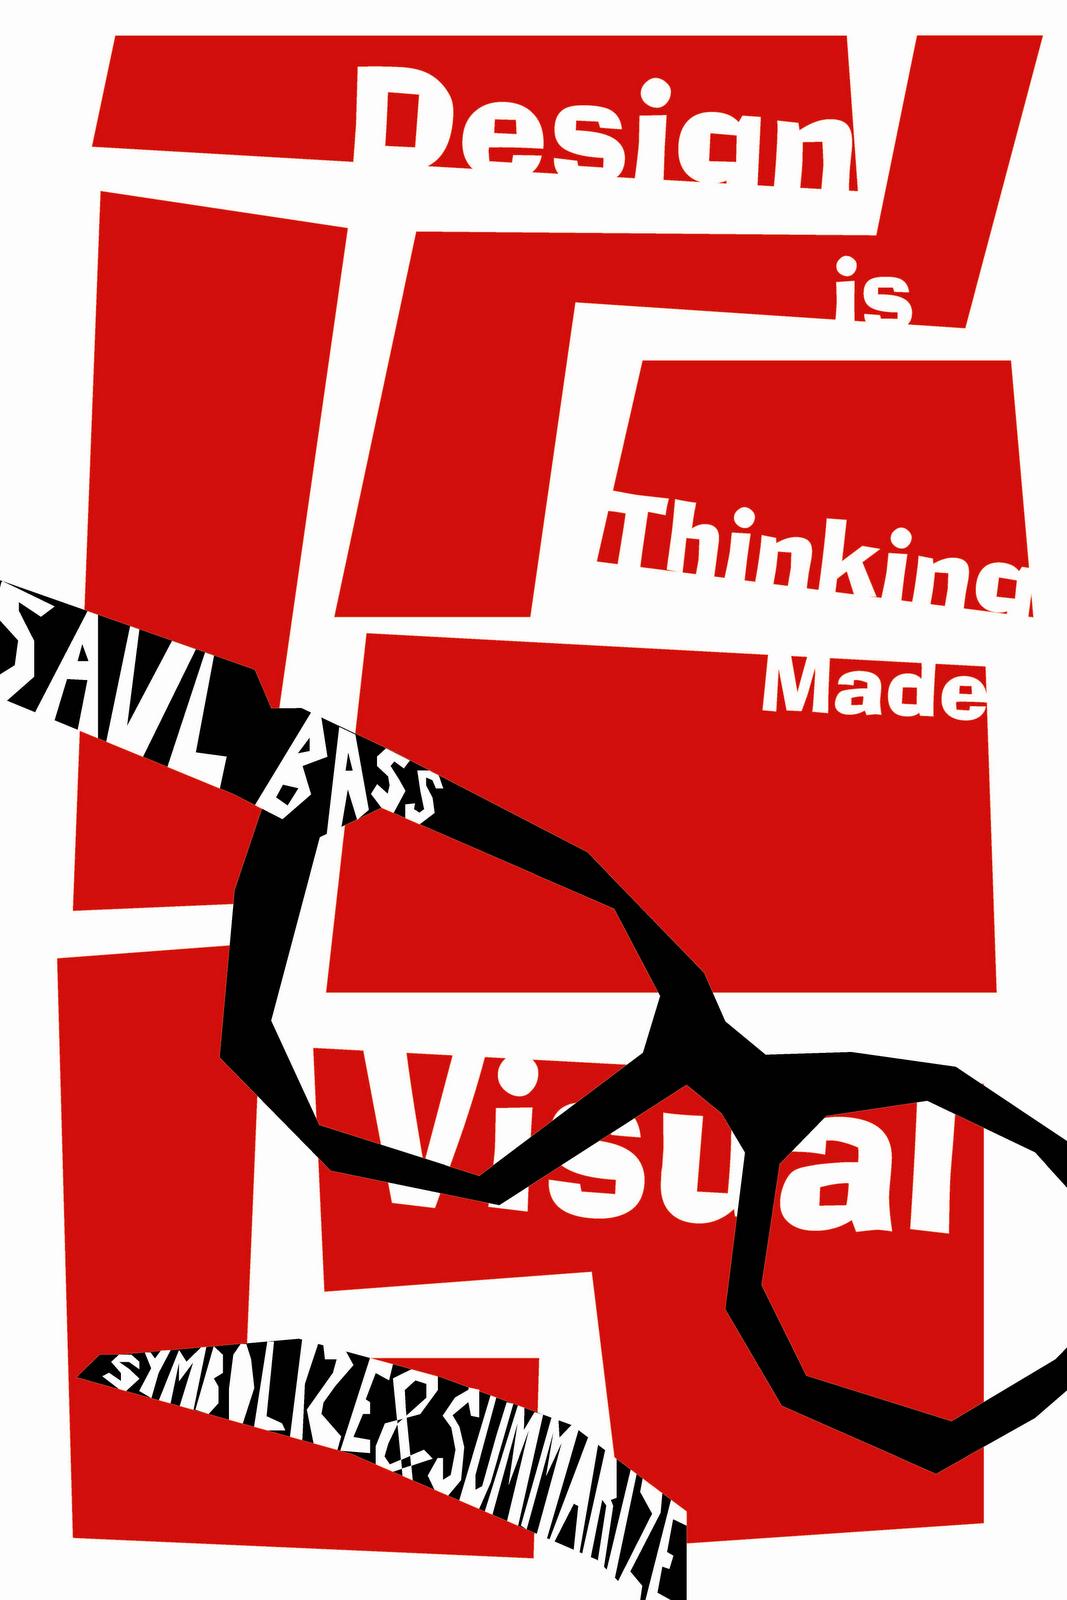 Matt Pisano: Saul Bass Poster